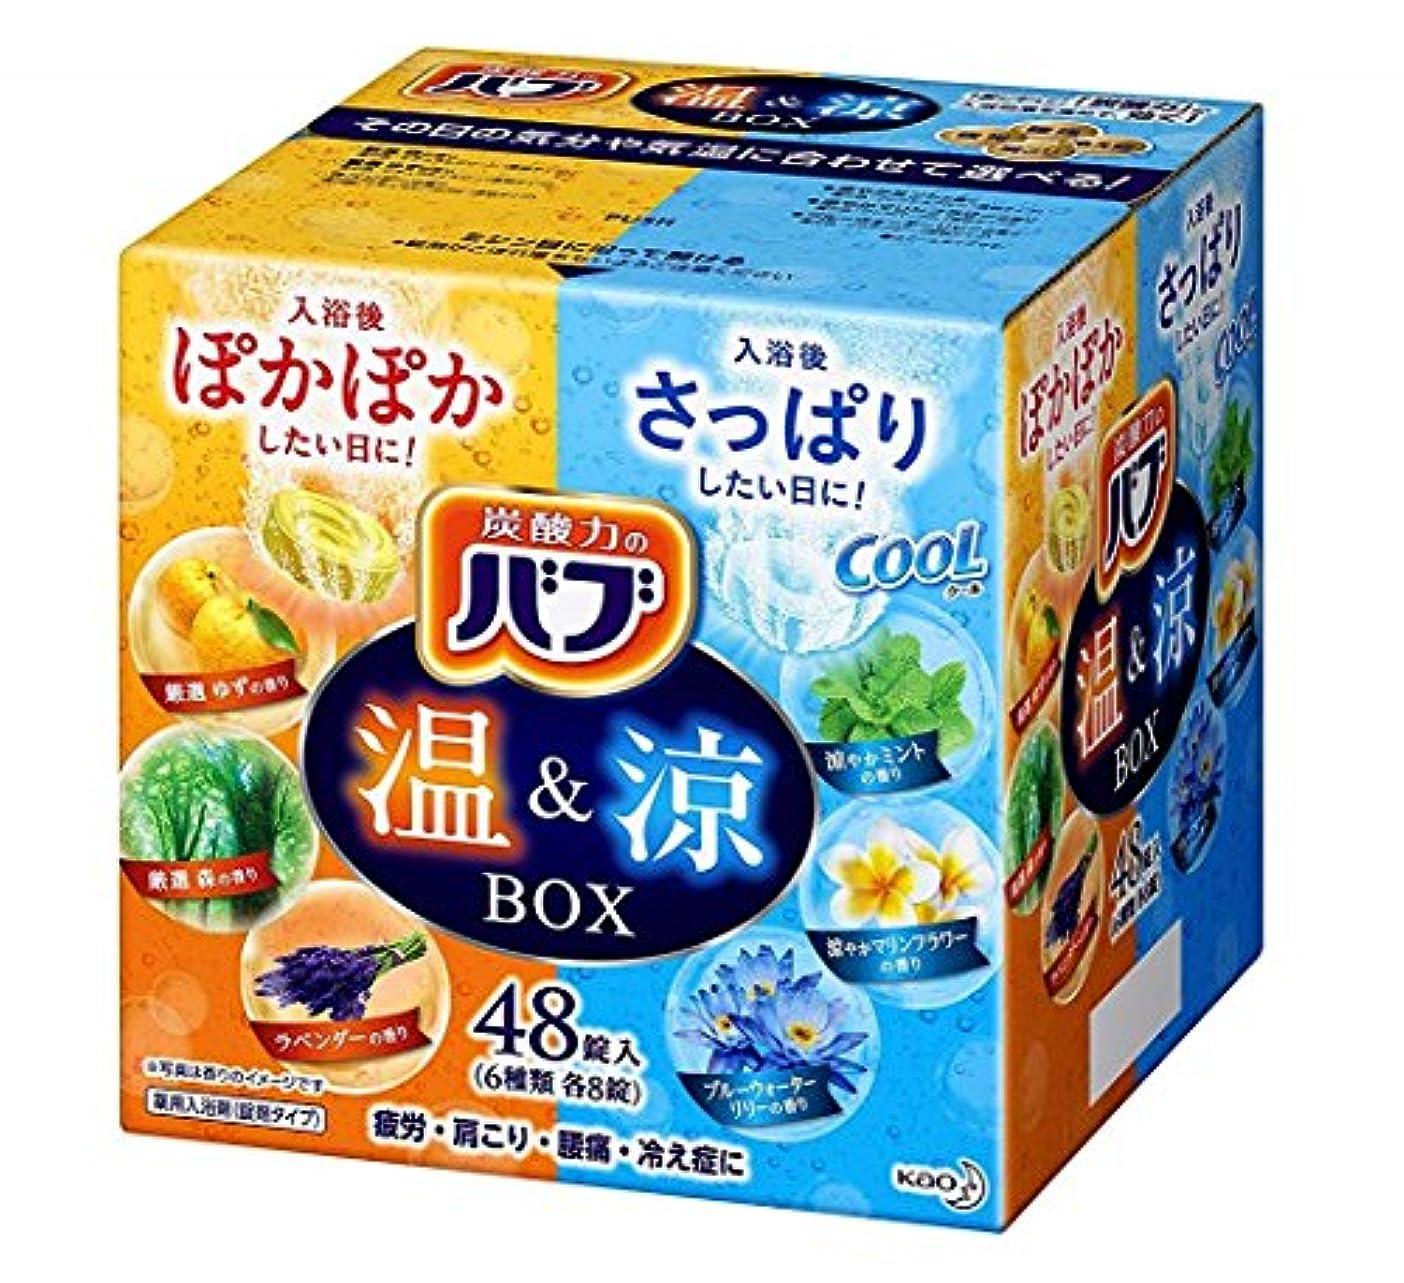 ダンプ安心ダーベビルのテス【大容量】バブ 温&涼BOX 48錠 炭酸入浴剤